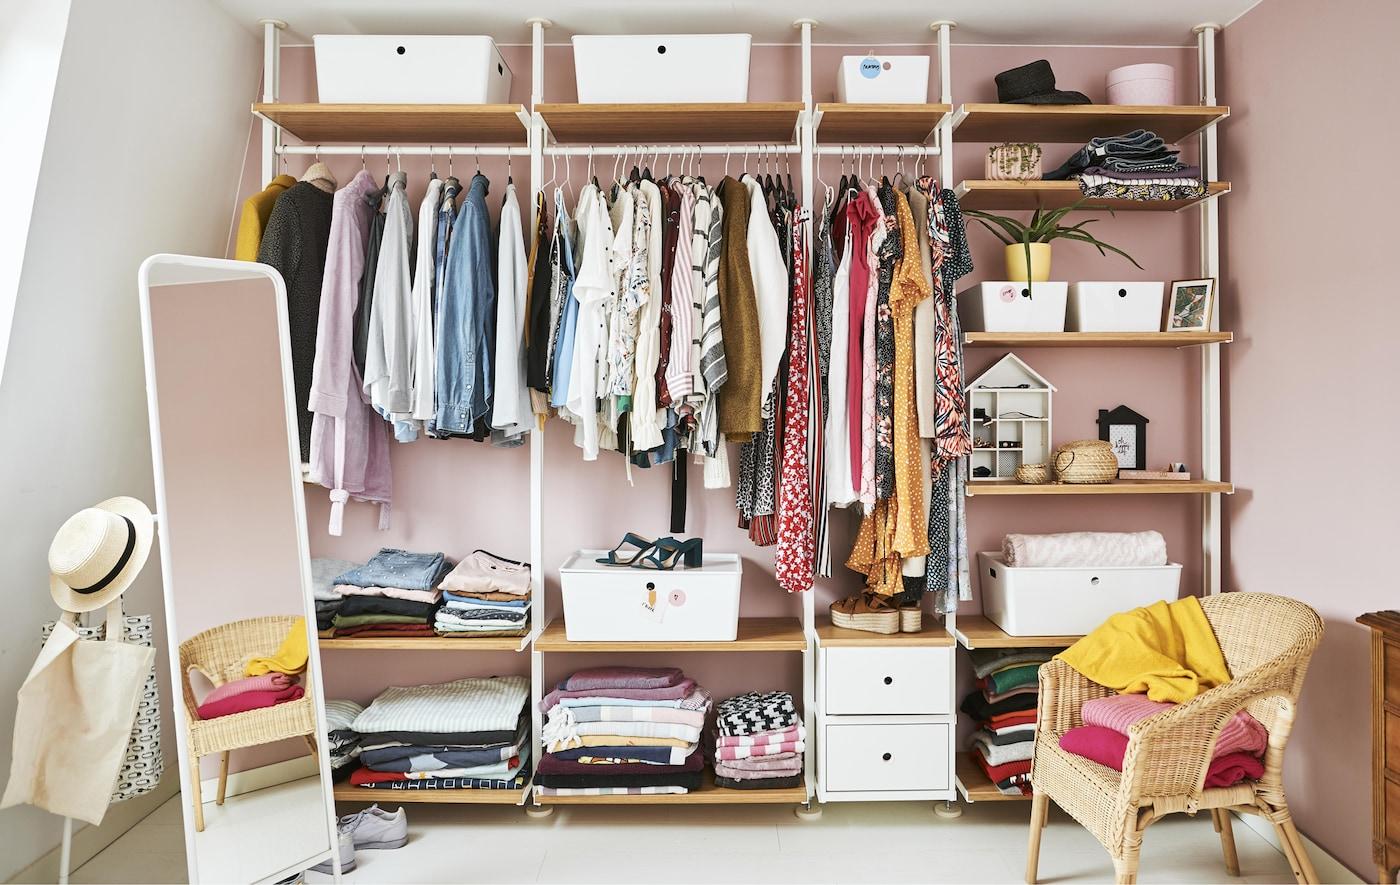 Garde-robe ouverte remplie de vêtements avec tringles, tablettes et boîtes, sur fond de mur rose.